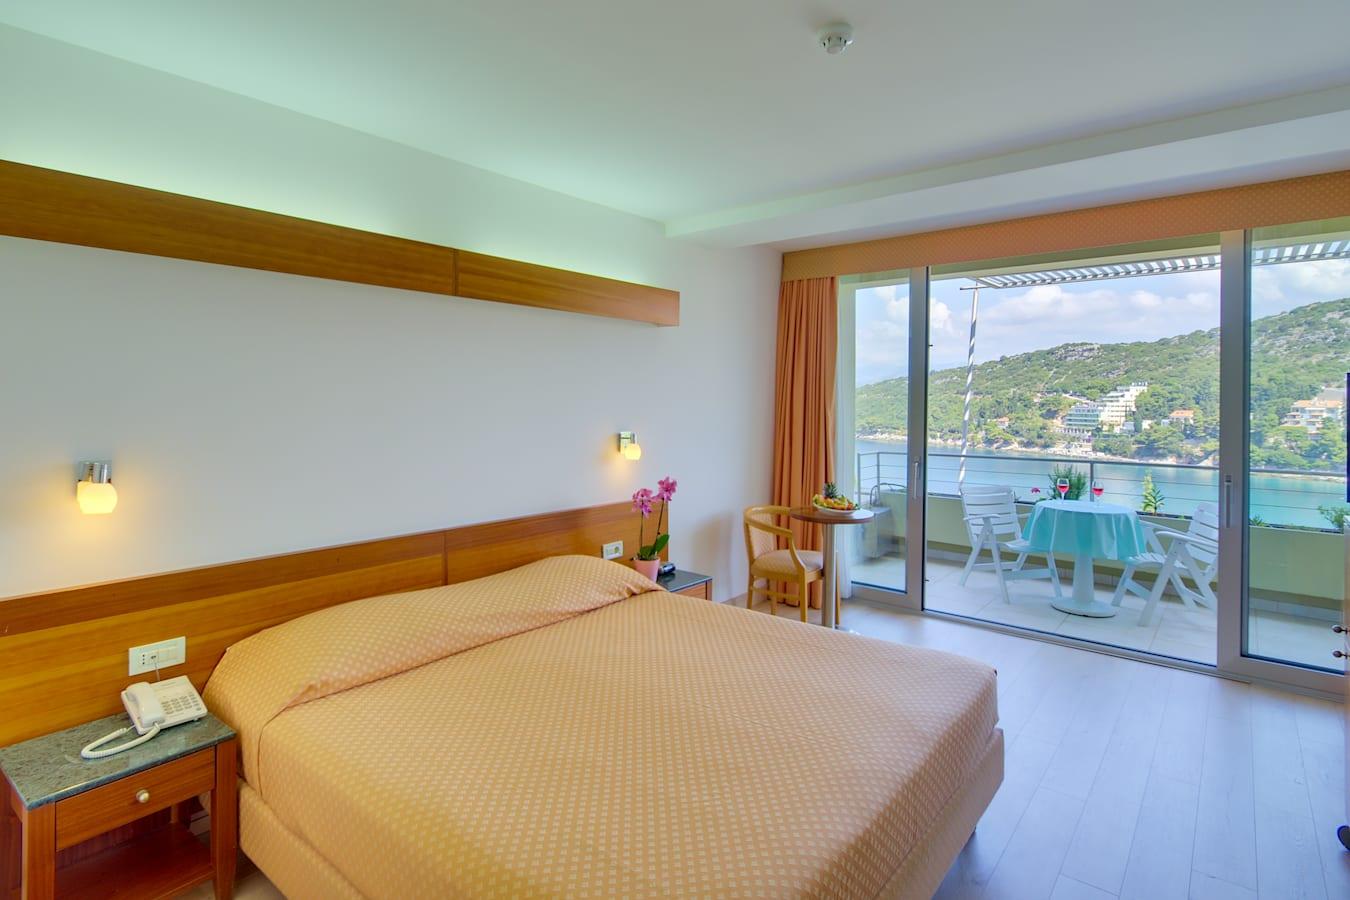 uvala-hotel-double-room-seaview-balcony.jpg